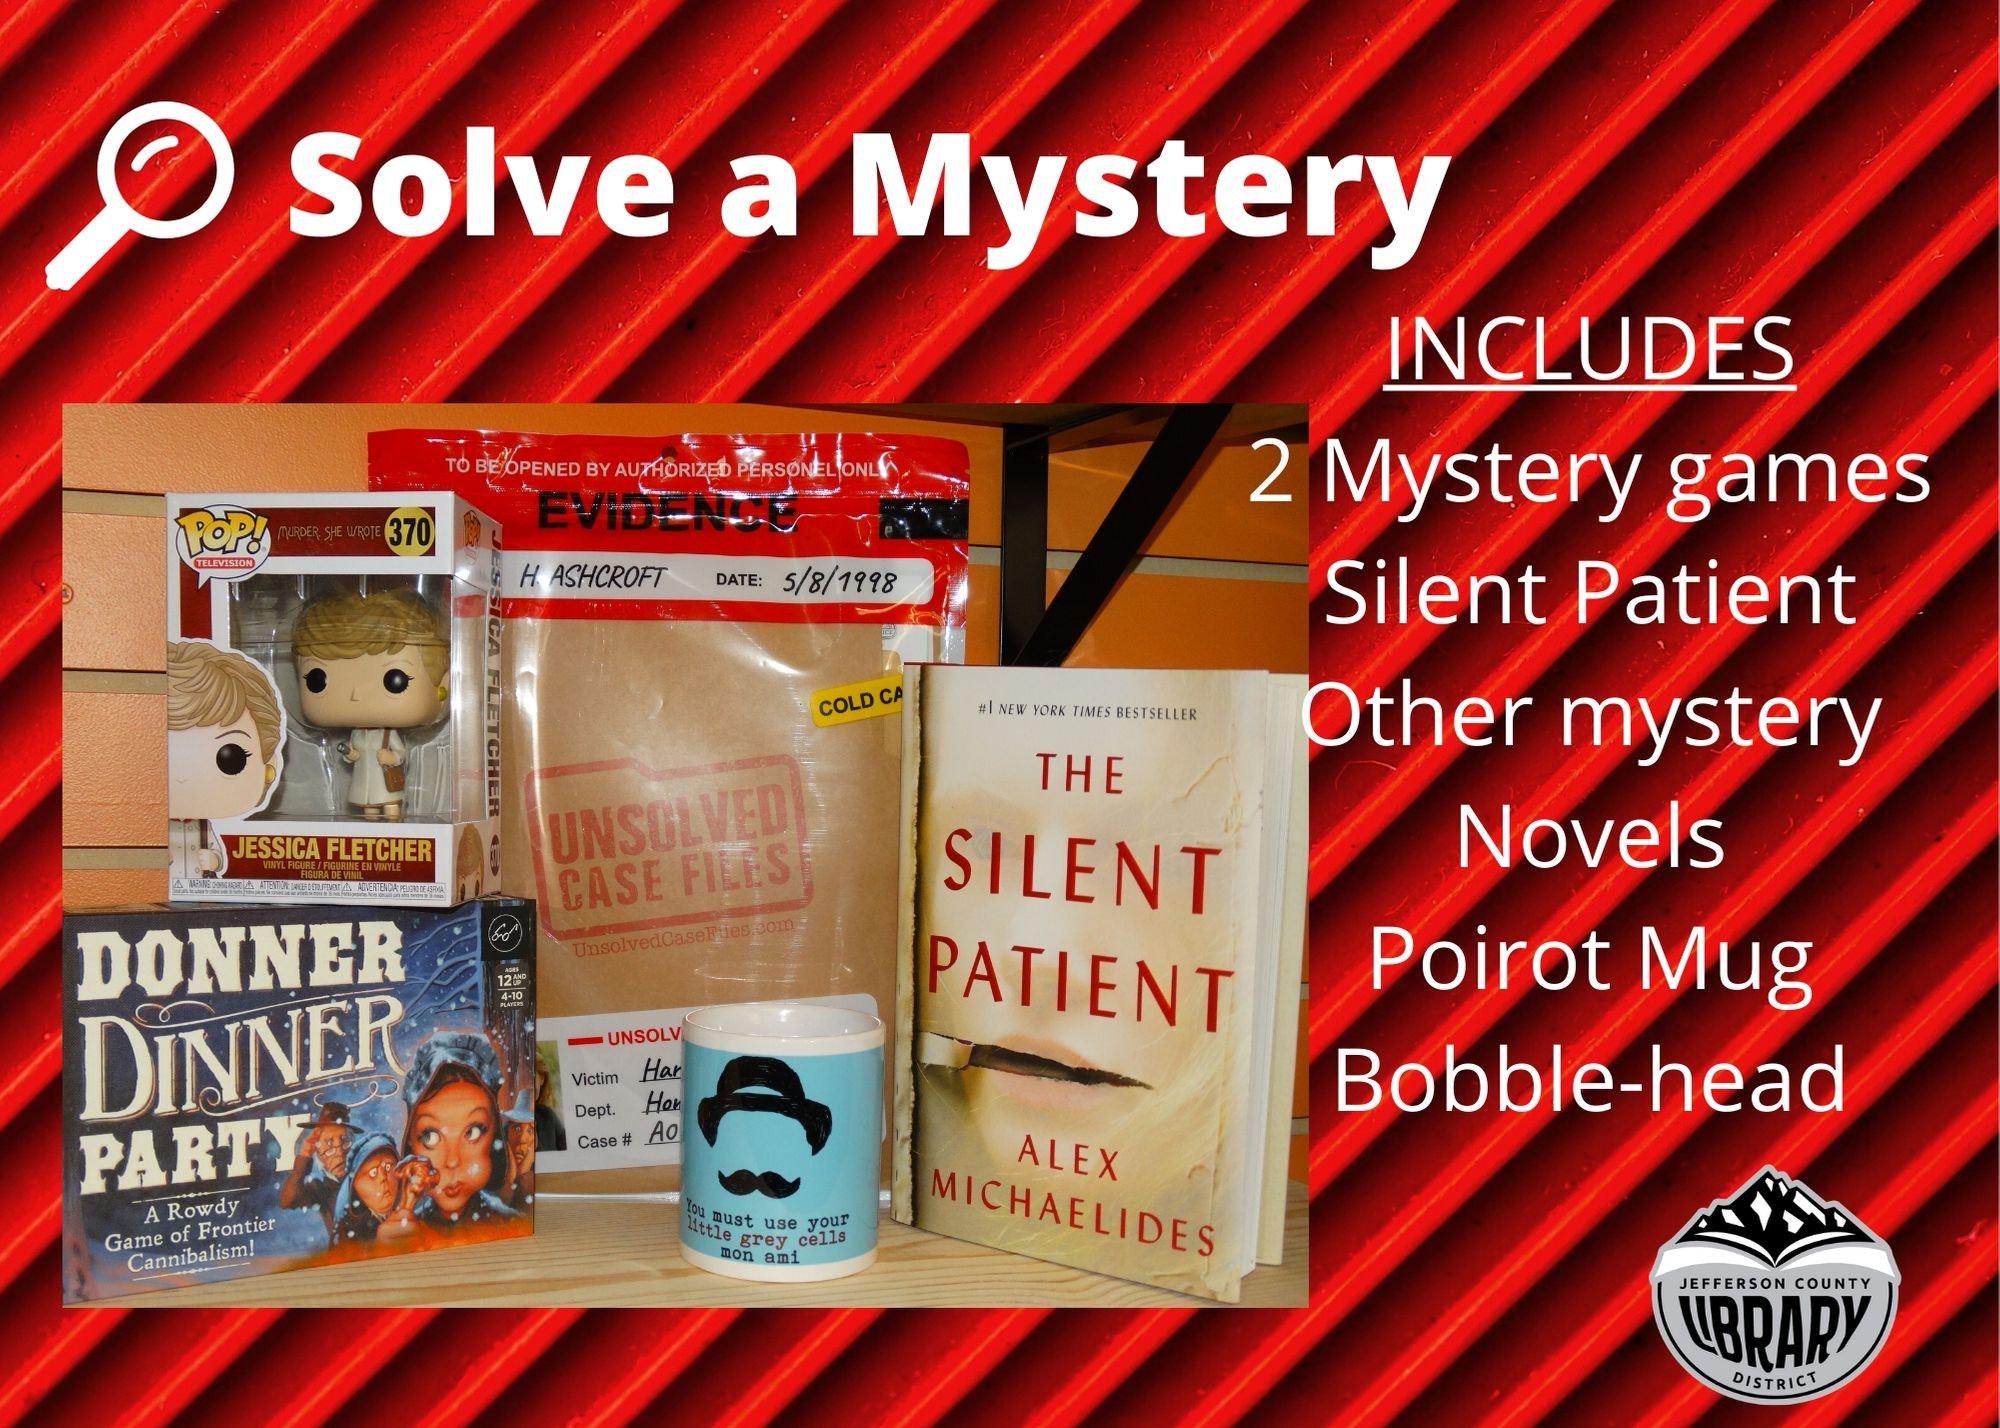 Solve a Mystery Basket